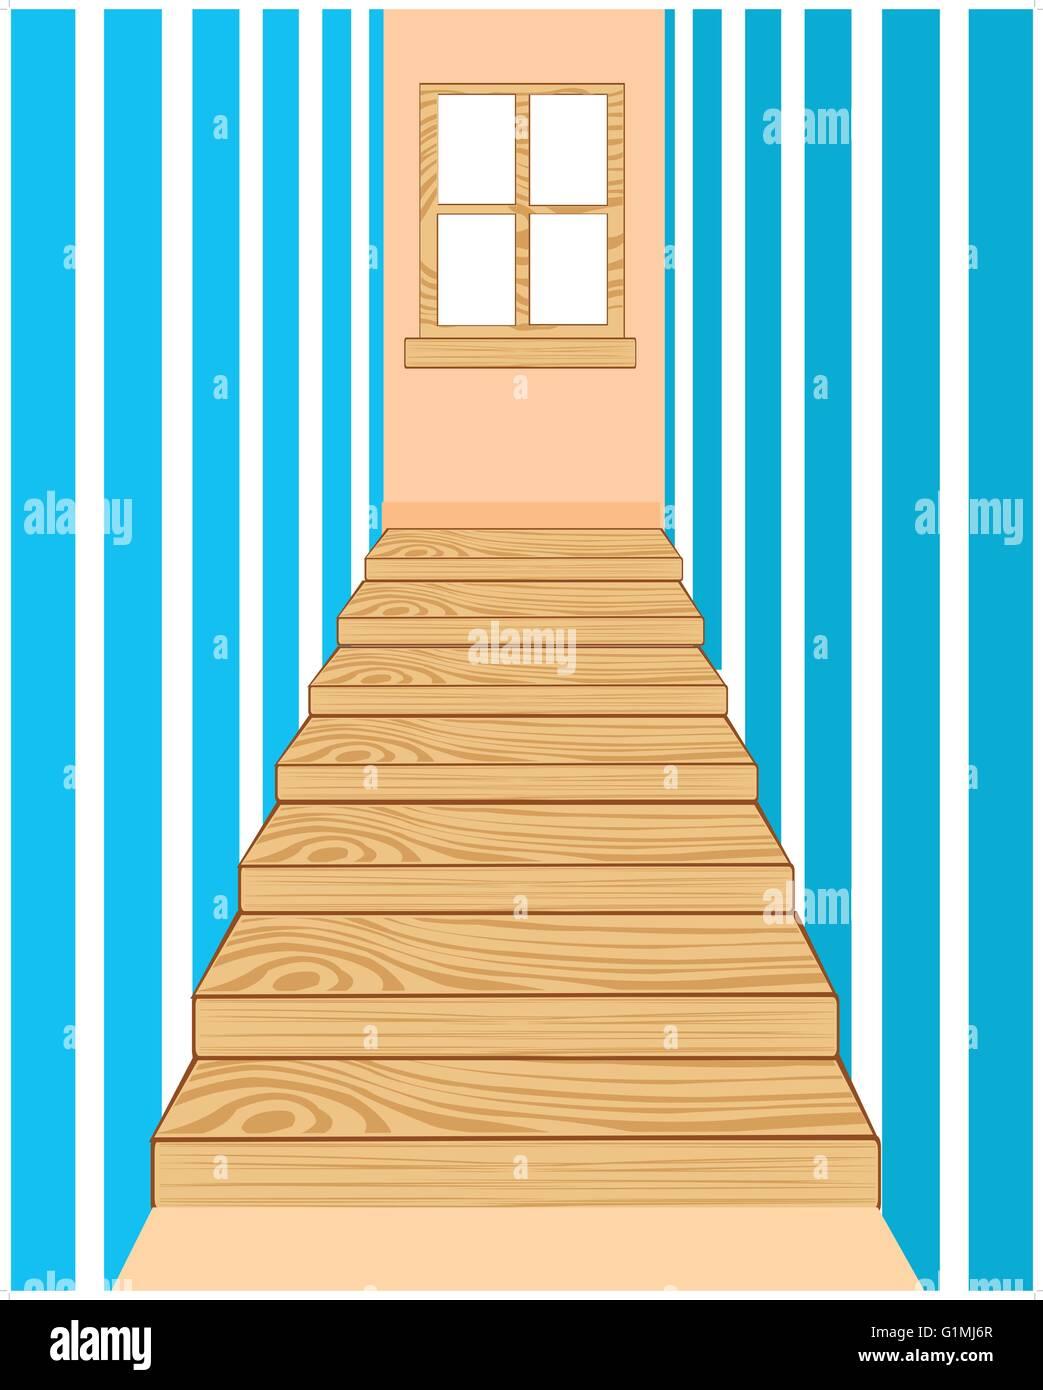 Illustration of the wooden stairway in long corridor - Stock Vector